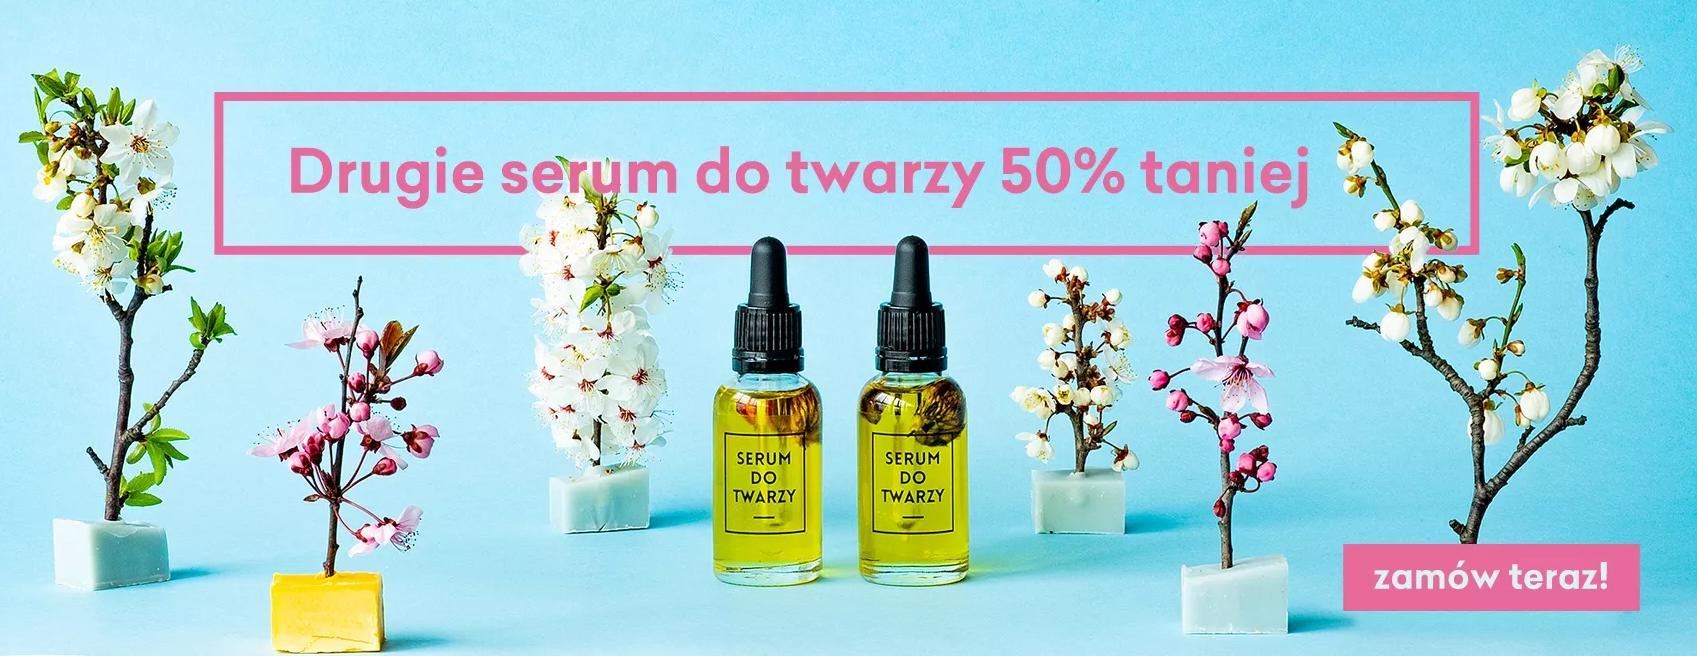 4 Szpaki 4 Szpaki: 50% zniżki na drugie serum do twarzy